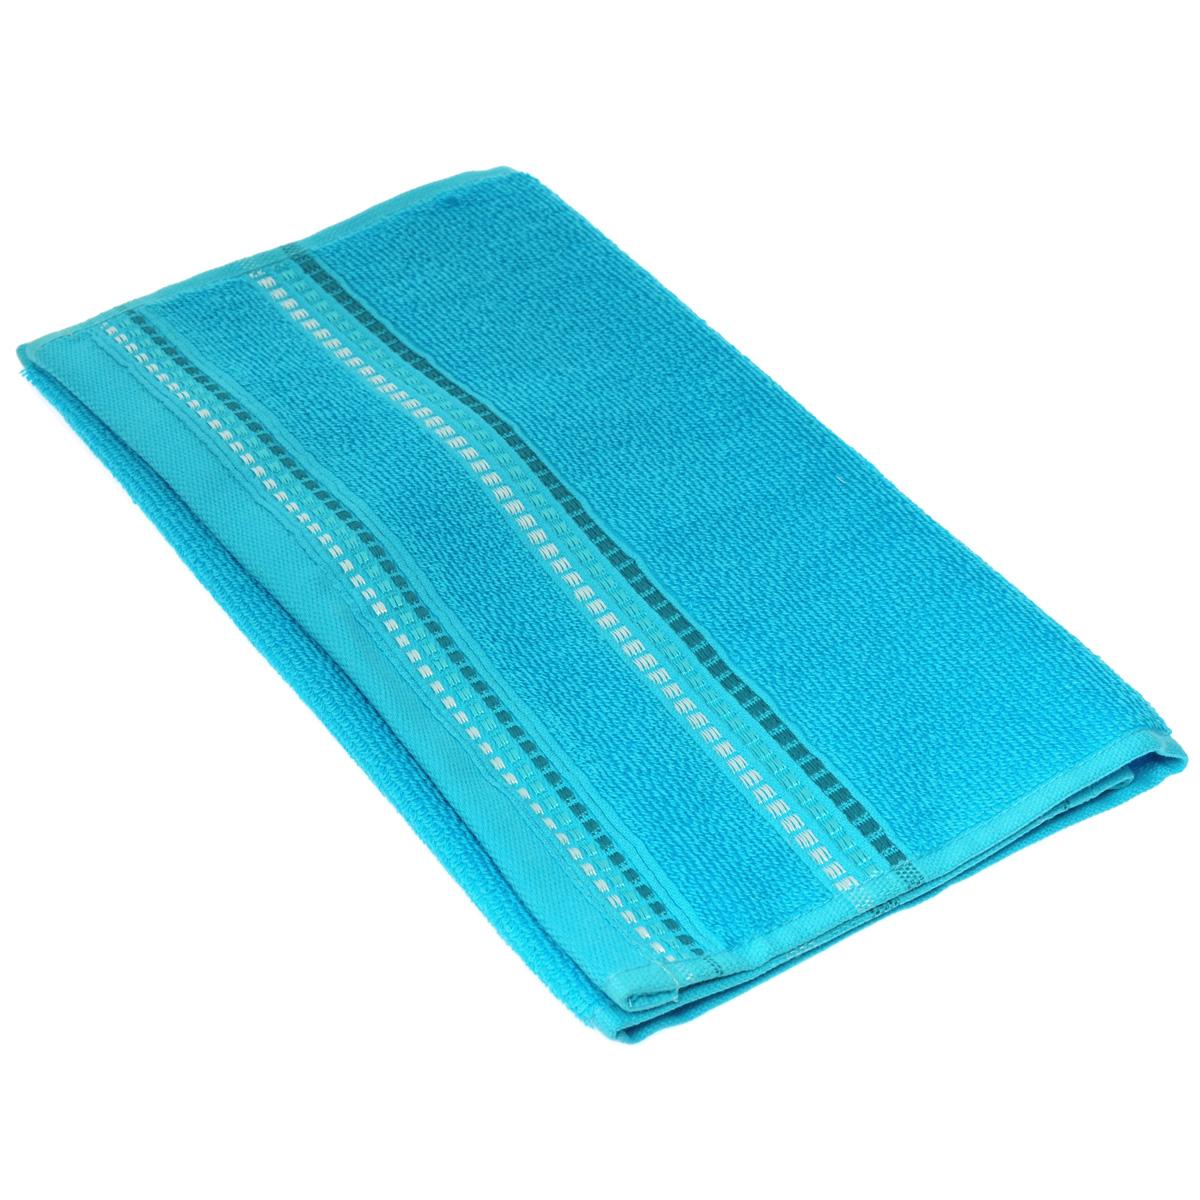 Полотенце махровое Coronet Пиано, цвет: бирюзовый, 30 х 50 см68/5/4Махровое полотенце Coronet Пиано, изготовленное из натурального хлопка, подарит массу положительных эмоций и приятных ощущений. Полотенце отличается нежностью и мягкостью материала, утонченным дизайном и превосходным качеством. Оно прекрасно впитывает влагу, быстро сохнет и не теряет своих свойств после многократных стирок. Махровое полотенце Coronet Пиано станет достойным выбором для вас и приятным подарком для ваших близких. Мягкость и высокое качество материала, из которого изготовлены полотенца не оставит вас равнодушными.